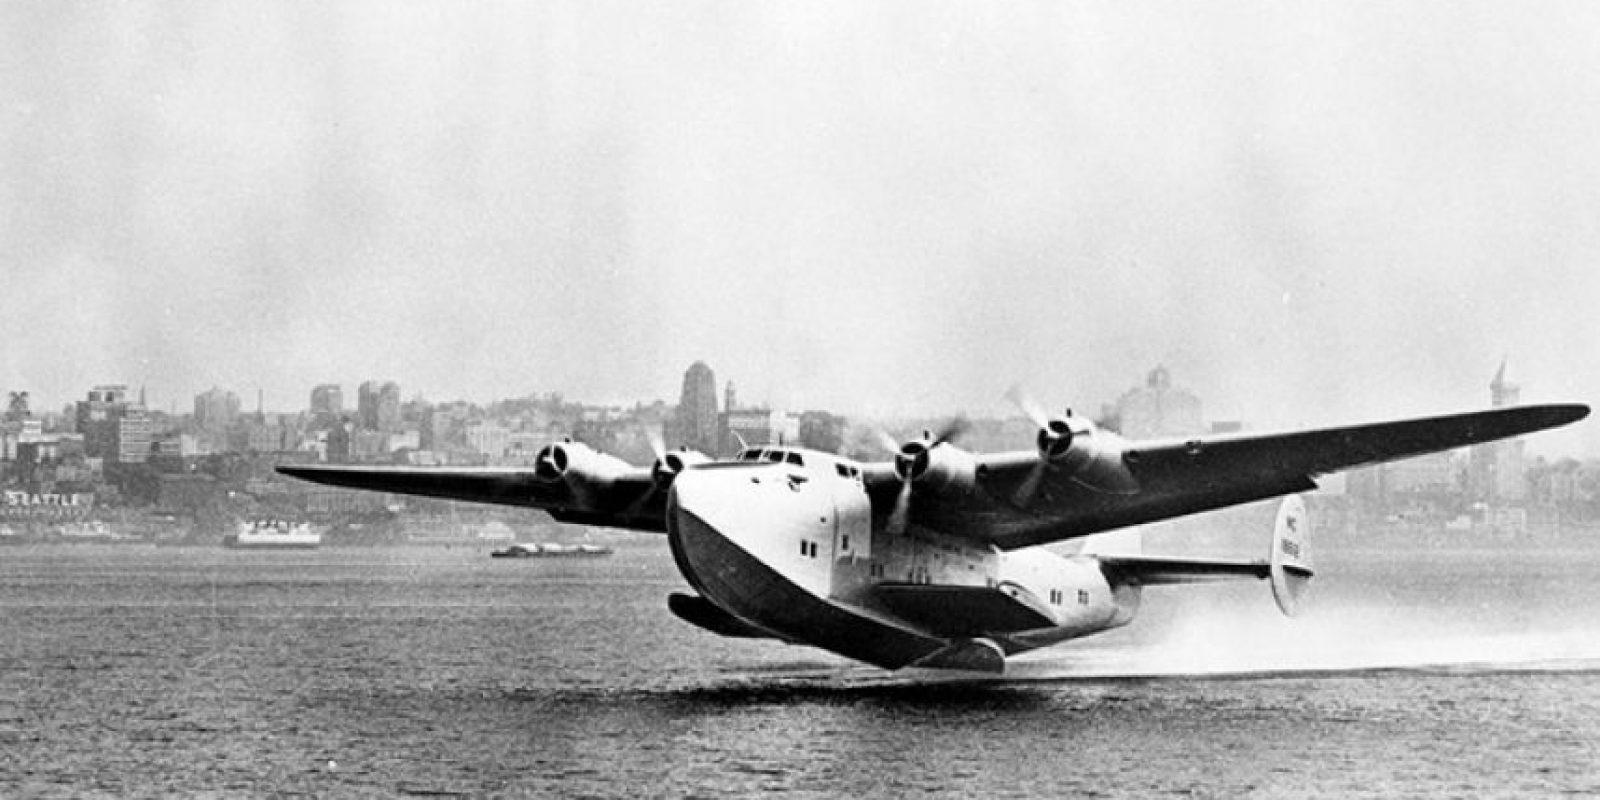 Boeing 314 Clipper fue usado por Franklin D. Roosevelt en 1943 Foto:Boeing. Imagen Por: